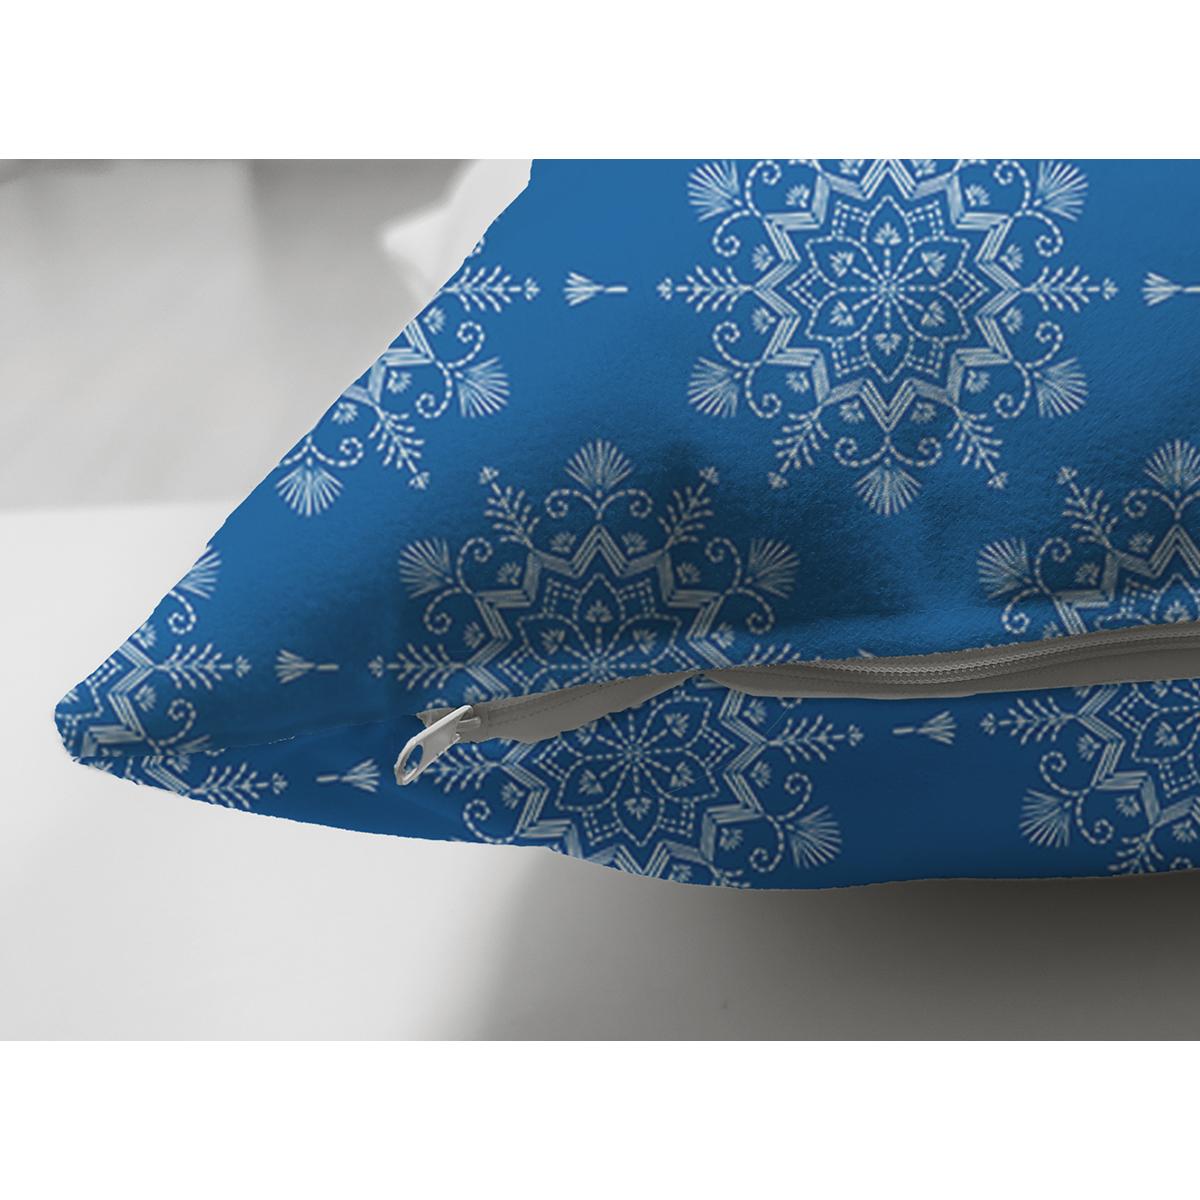 Çift Taraflı Mavi Zeminli Kartanesi Desenli Dijital Baskılı Modern Süet Yastık Kırlent Kılıfı Realhomes